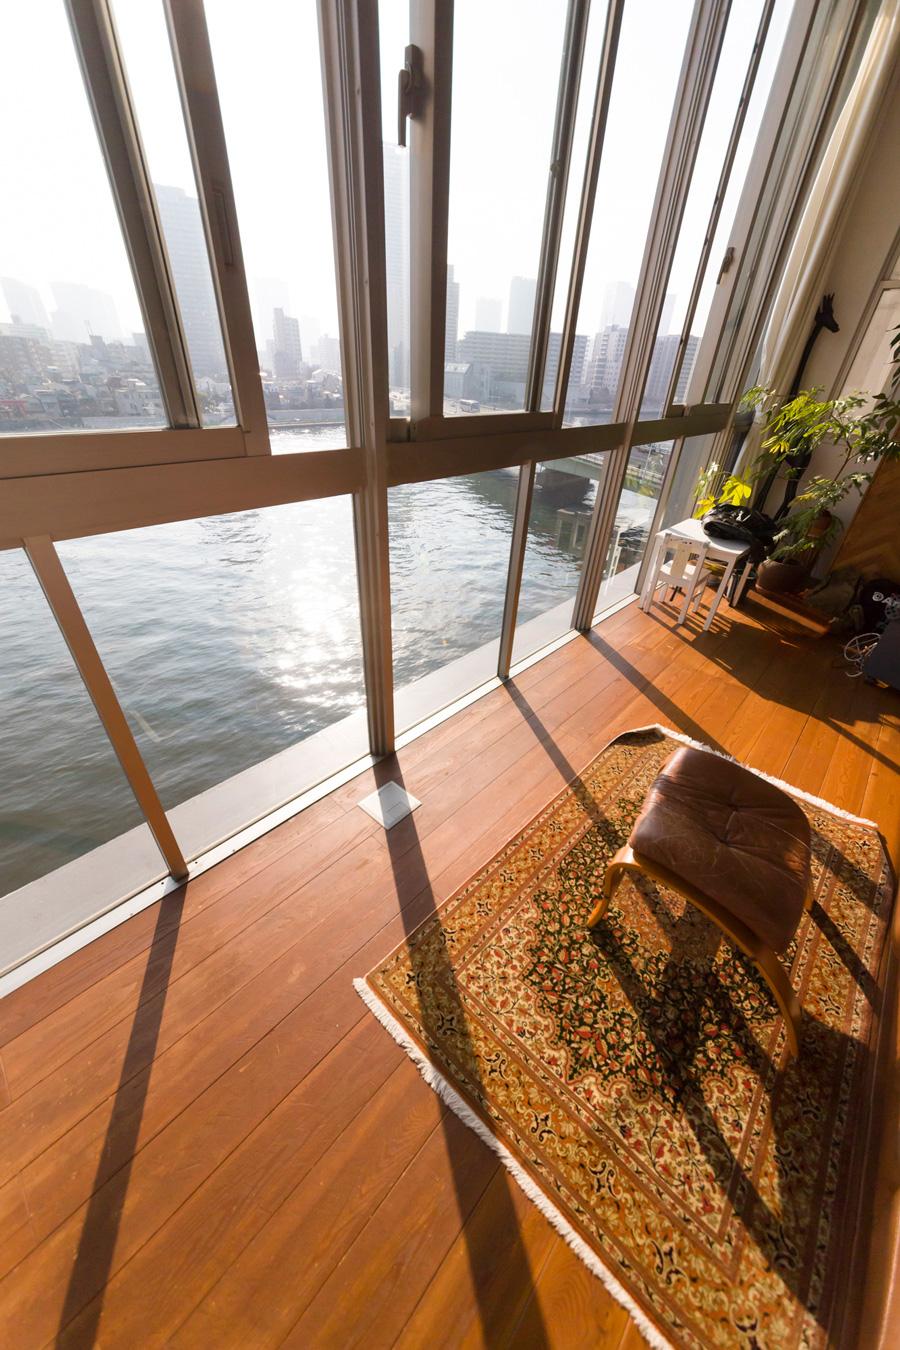 隅田川の川面が眼下に。自宅にいながら客船で旅を楽しんでいるような気分を味わえる。